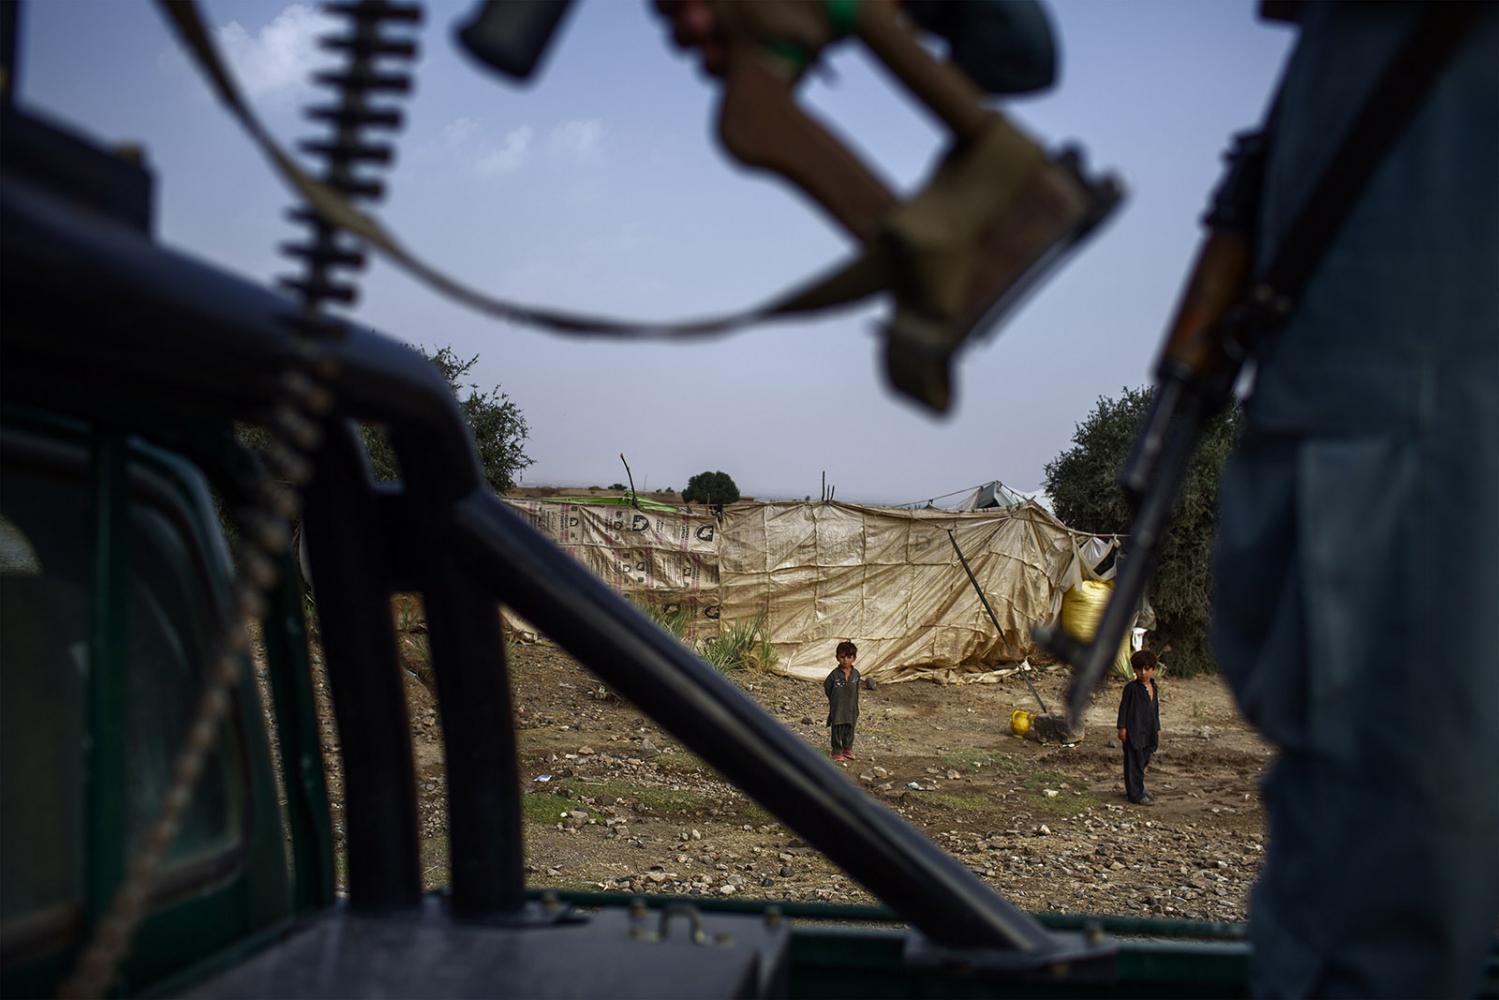 Photography image - Loading Khost-Afg-NYT-02.jpg